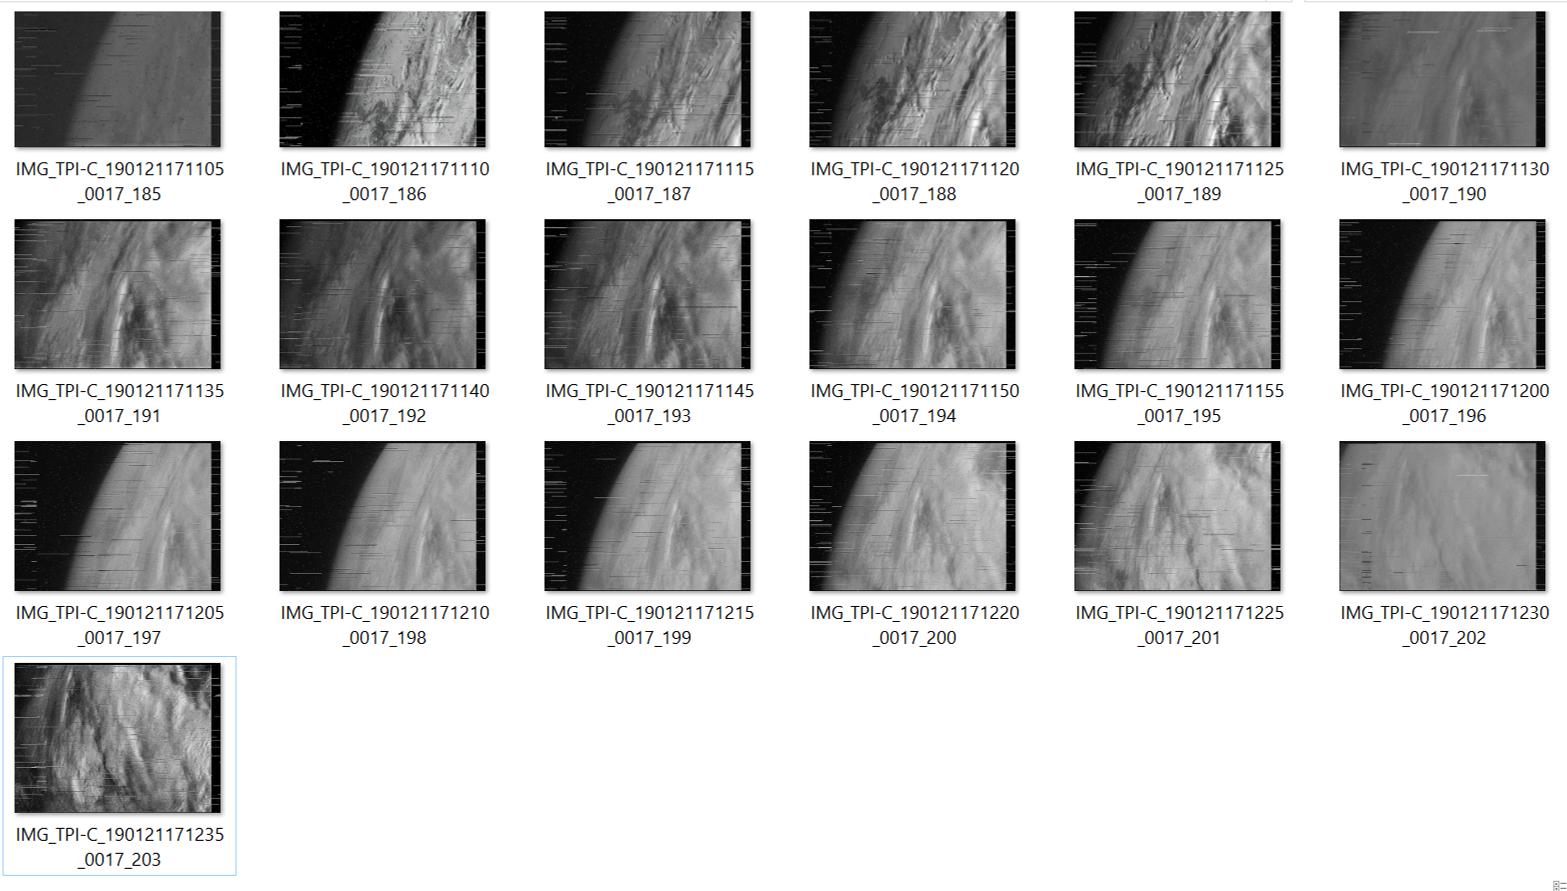 Những bức ảnh thử nghiệm chưa qua xử lý đầu tiên của hệ máy ảnh TPI, được vệ tinh MicroDragon chụp 4 ngày sau phóng tại khu vực nước Mỹ. Ảnh: Trung tâm Vũ trụ Việt Nam